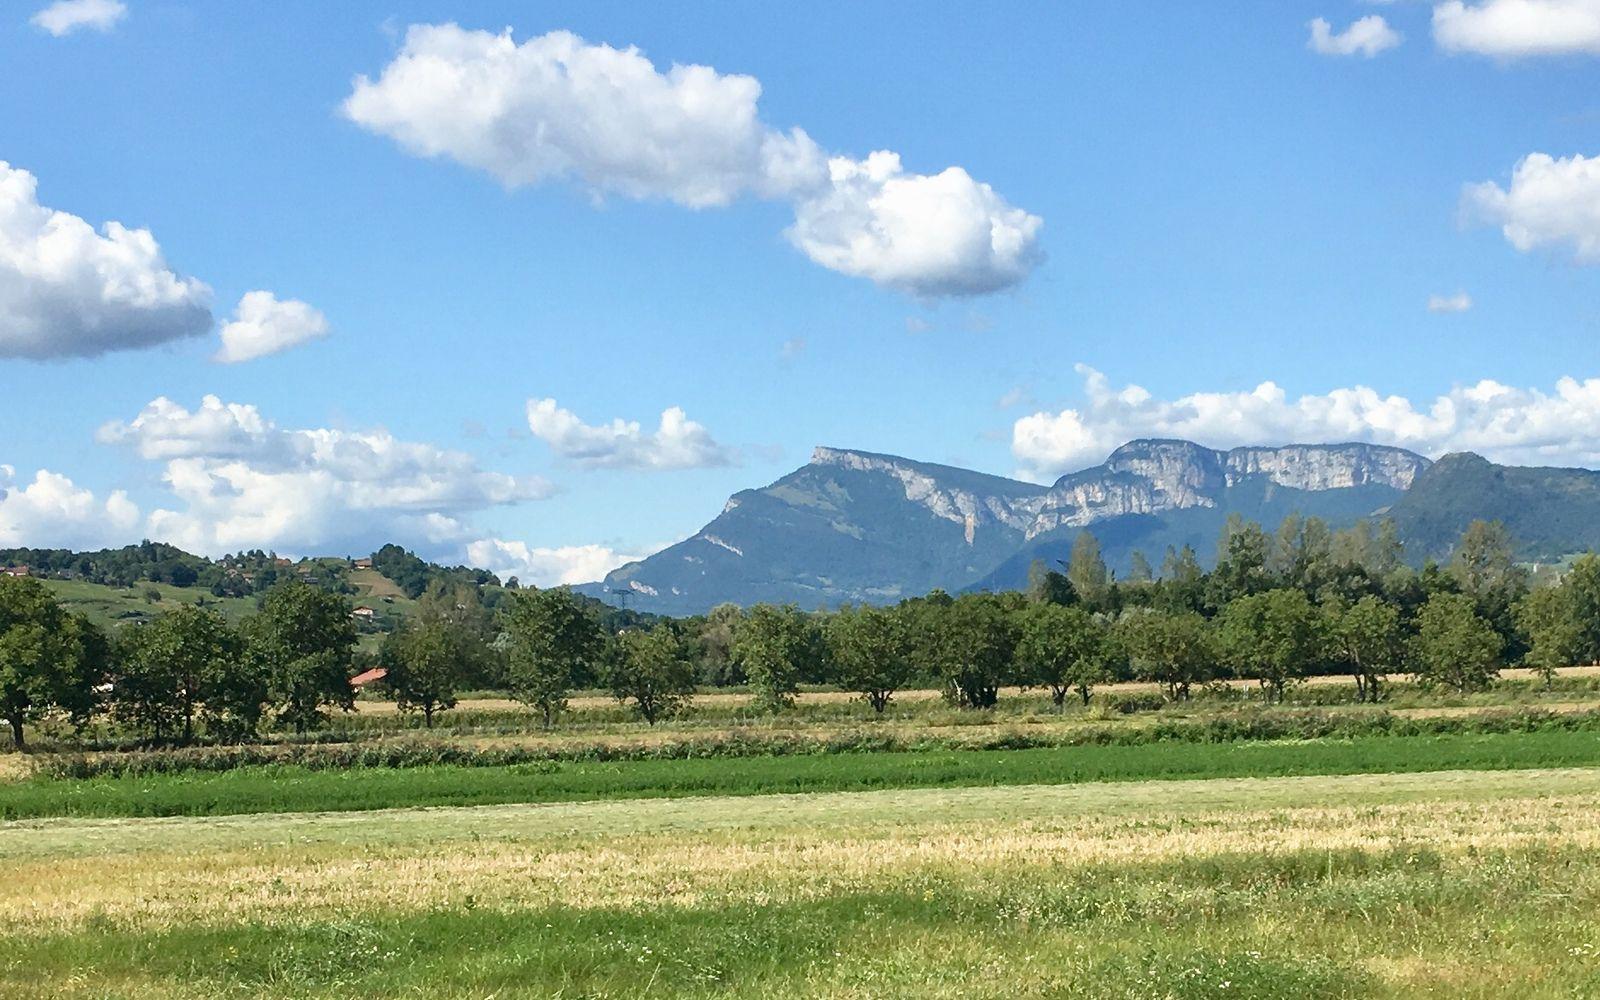 Depuis Chapareillan, je me vois rentrer à Chambéry mon Amour : j'arrive Maman !